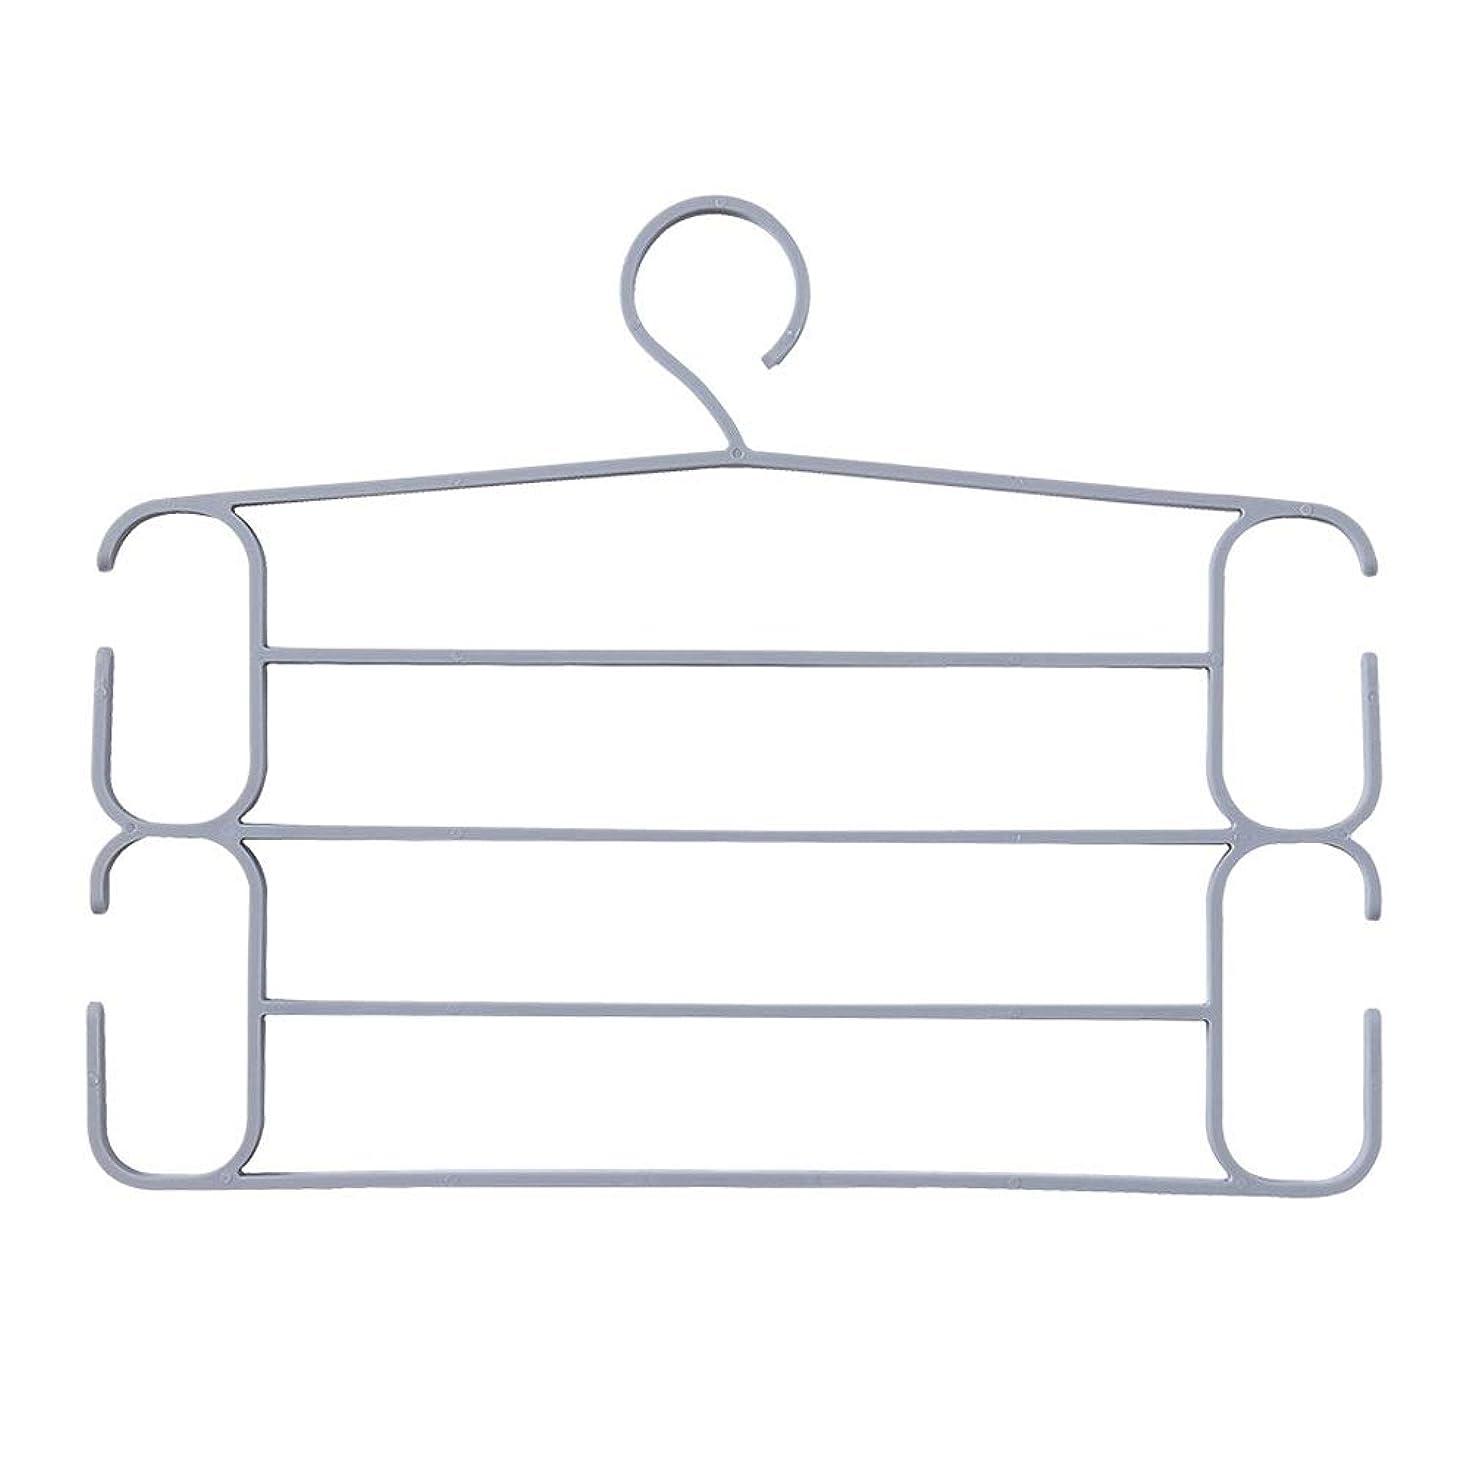 アラート仮定するハウスくらしの家 4パック多機能服パンツハンガー4層PPパンツスラックハンガークローゼット収納オーガナイザー用パンツジーンズスカーフぶら下げ実用 (Color : Gray, Size : 35.5*27*1.2cm)